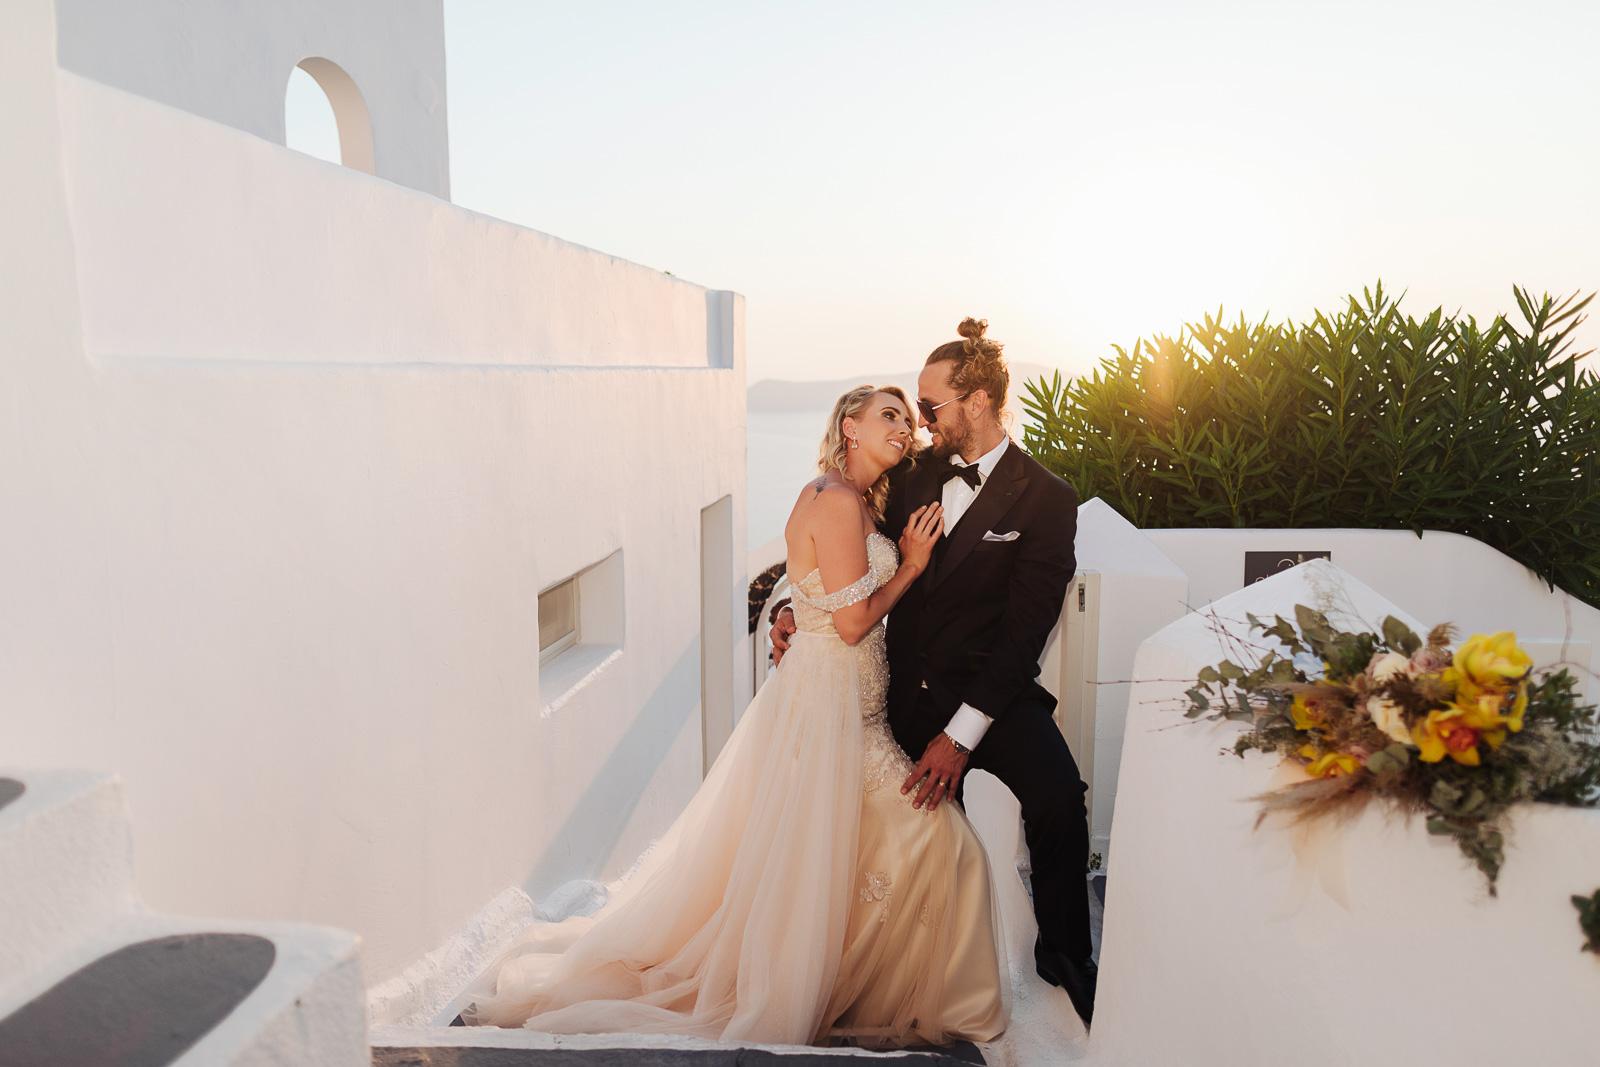 Wedding in Santorini: Santorini wedding photographer Irina Spiru